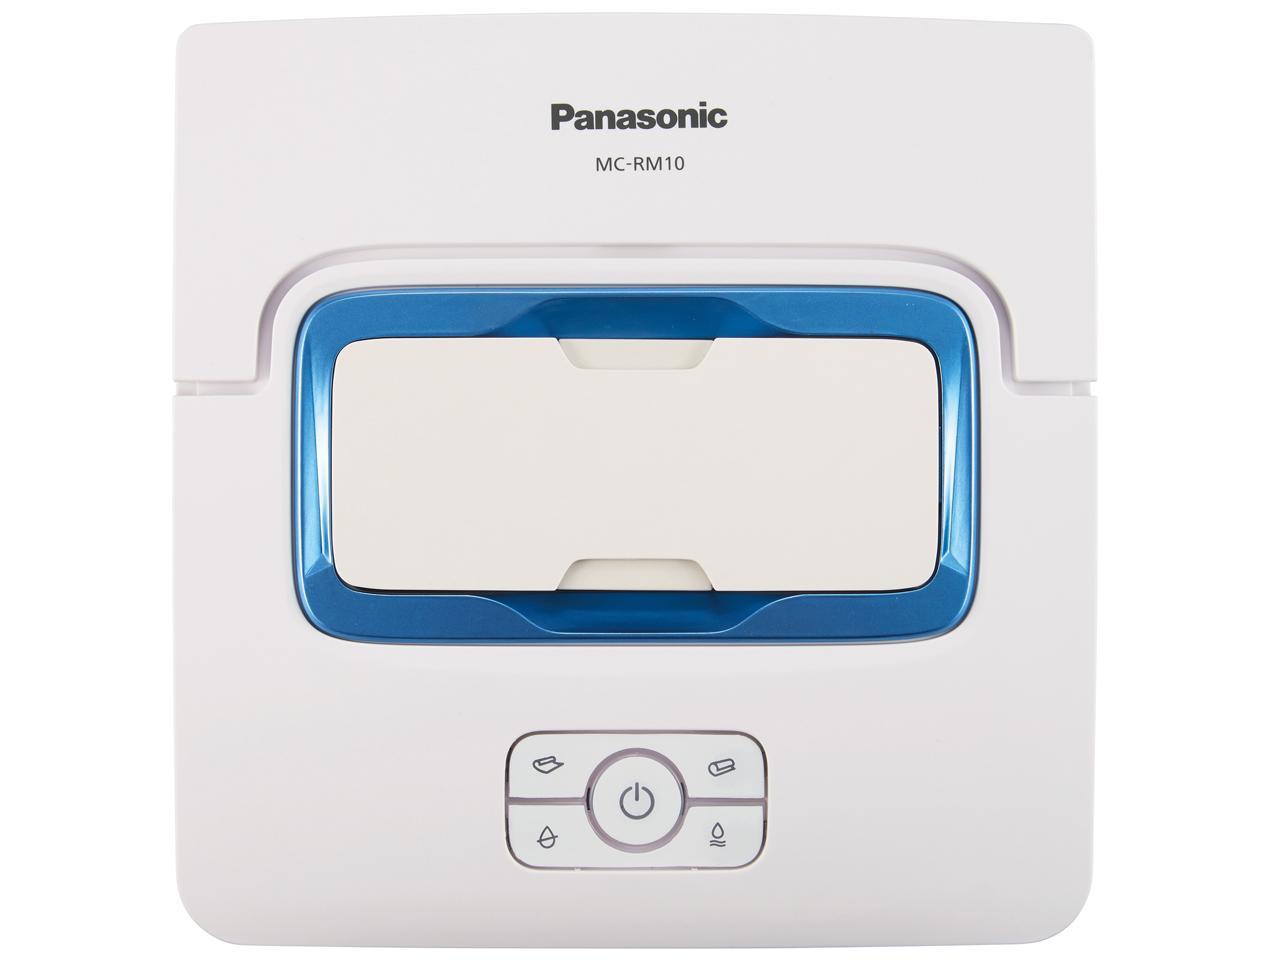 送料無料 パナソニック Panasonic MCRM10 床拭きロボット掃除機 MC-RM10-W ローラン smtb-s Rollan ホワイト 2020A 完全送料無料 W新作送料無料